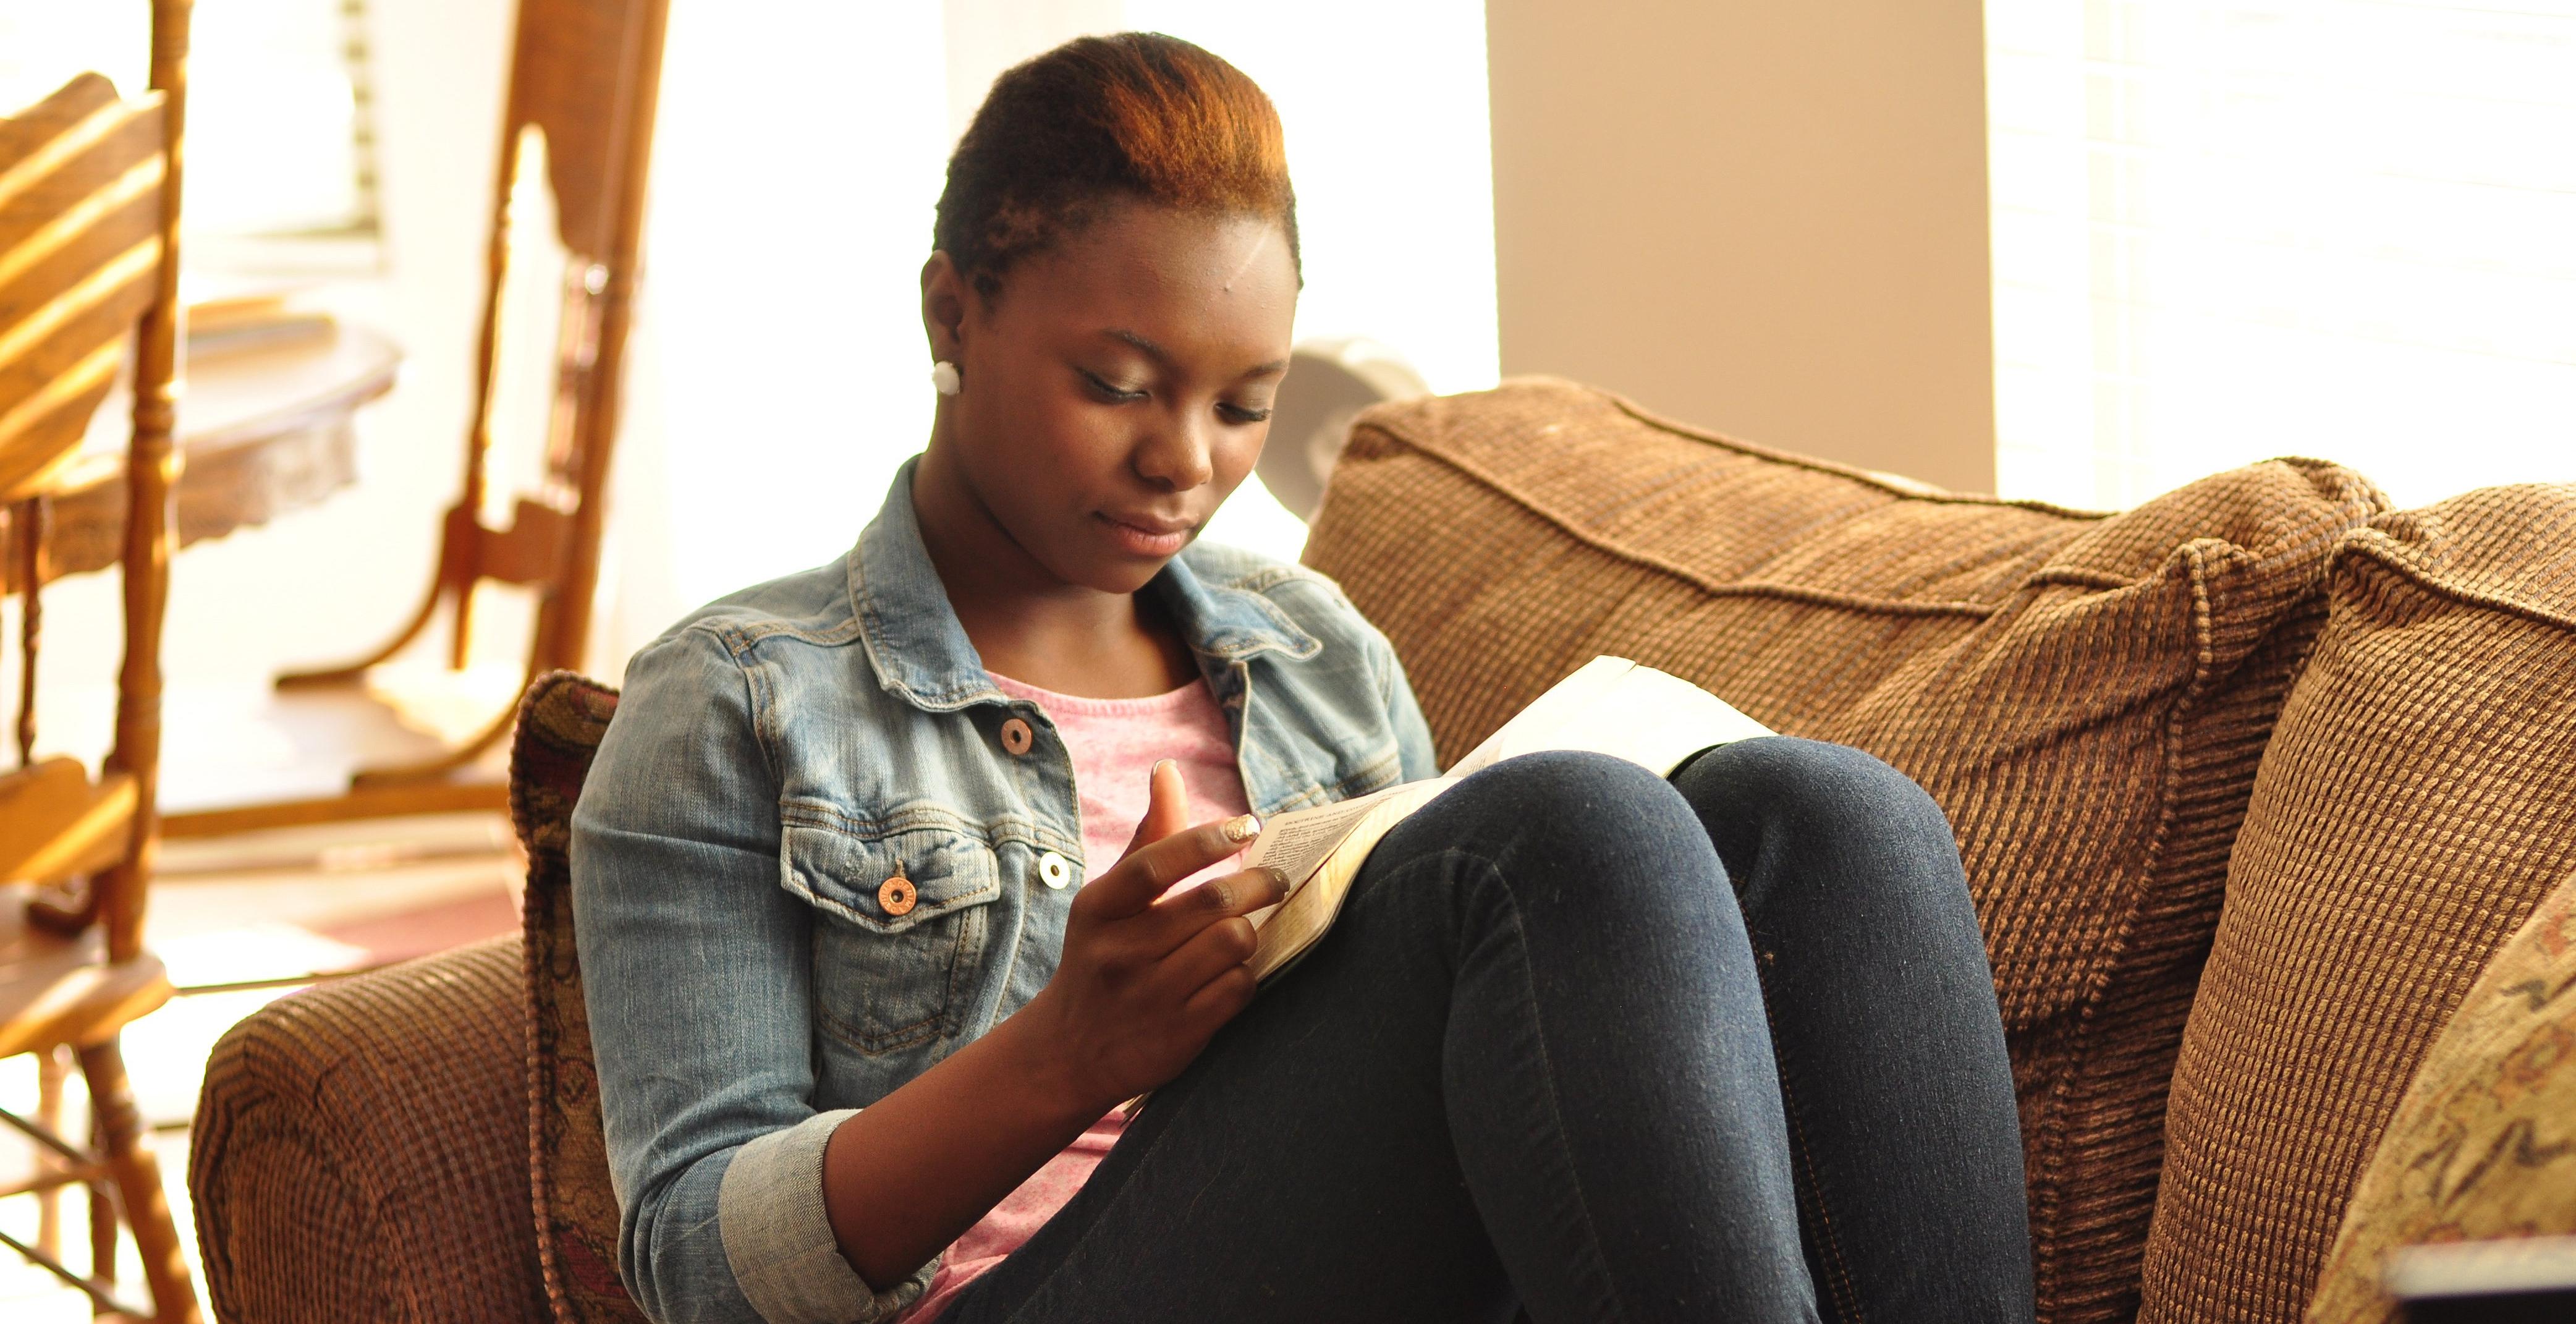 Tres cosas que conducen a una vida abundante noticias for Abundant life beauty salon